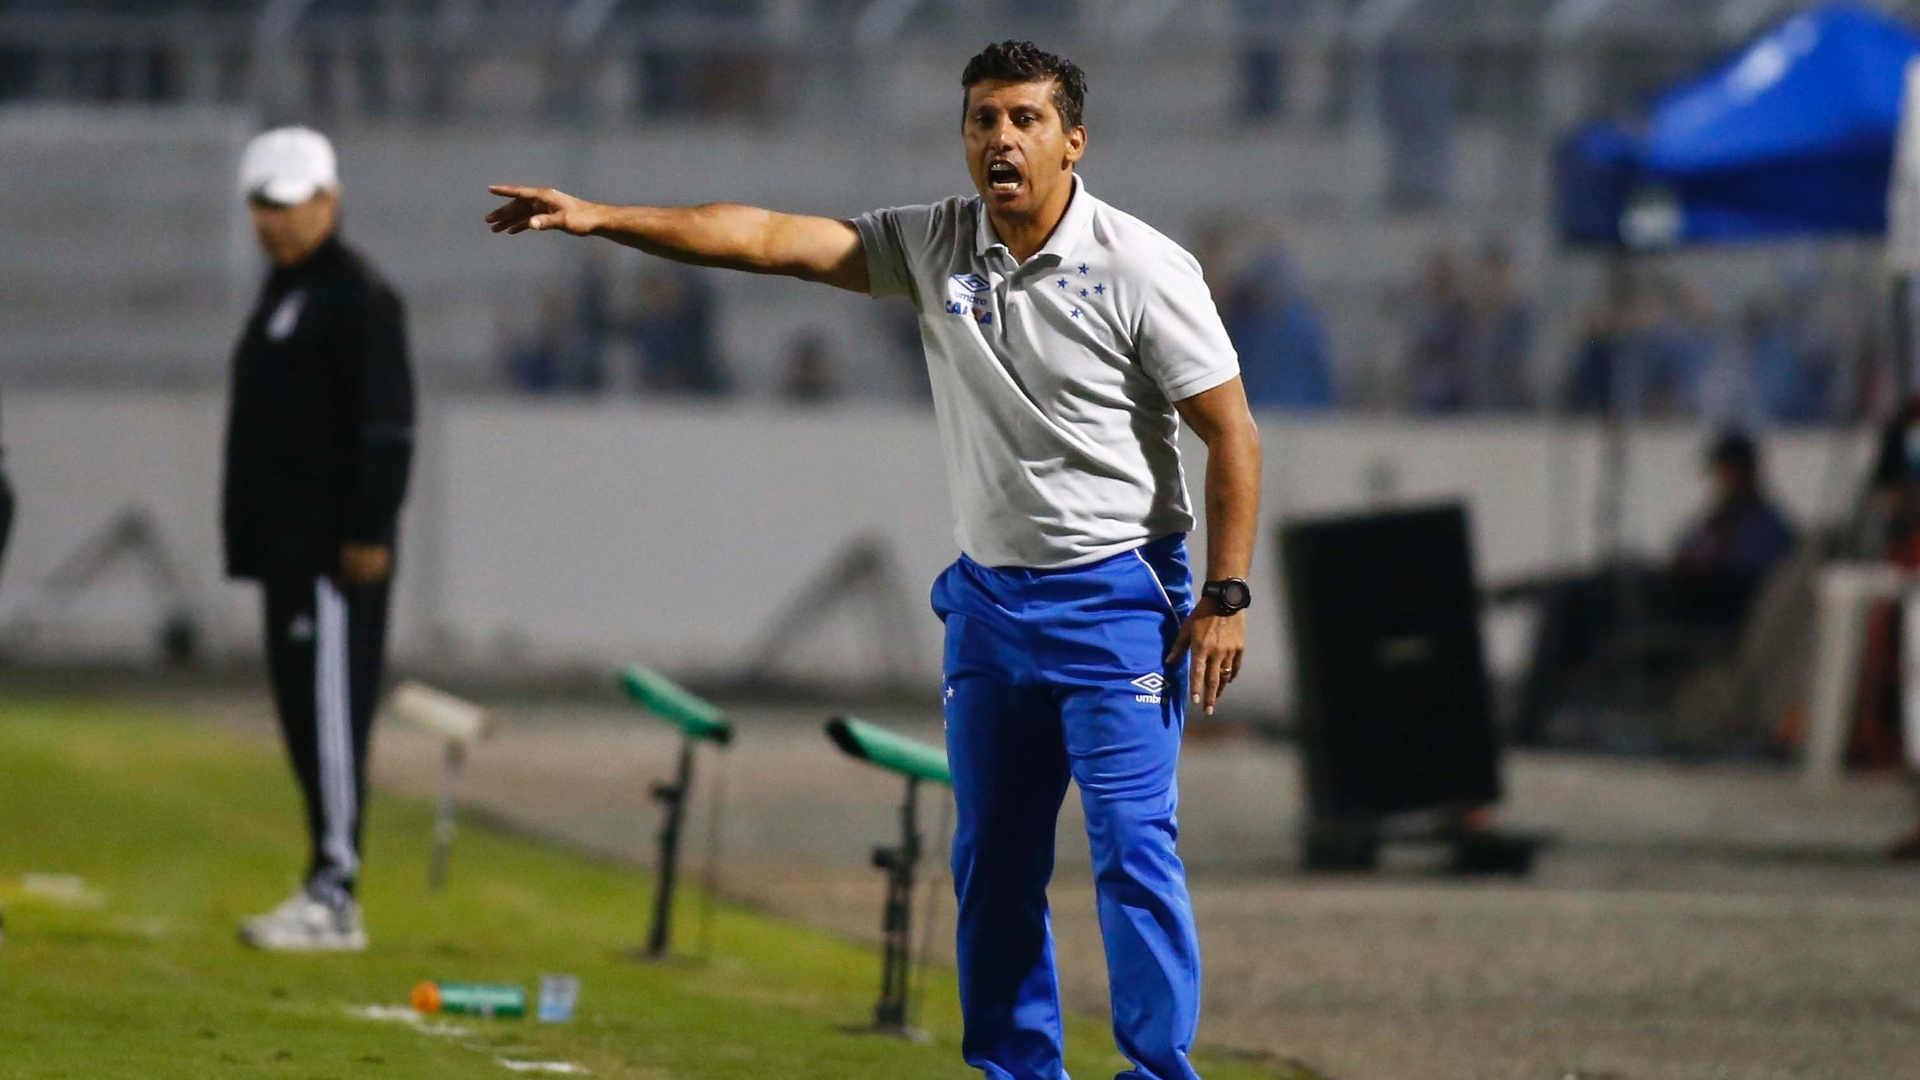 Técnico Sidnei Lobo comanda o Cruzeiro em jogo contra a Ponte Preta pelo Campeonato Brasileiro 2017